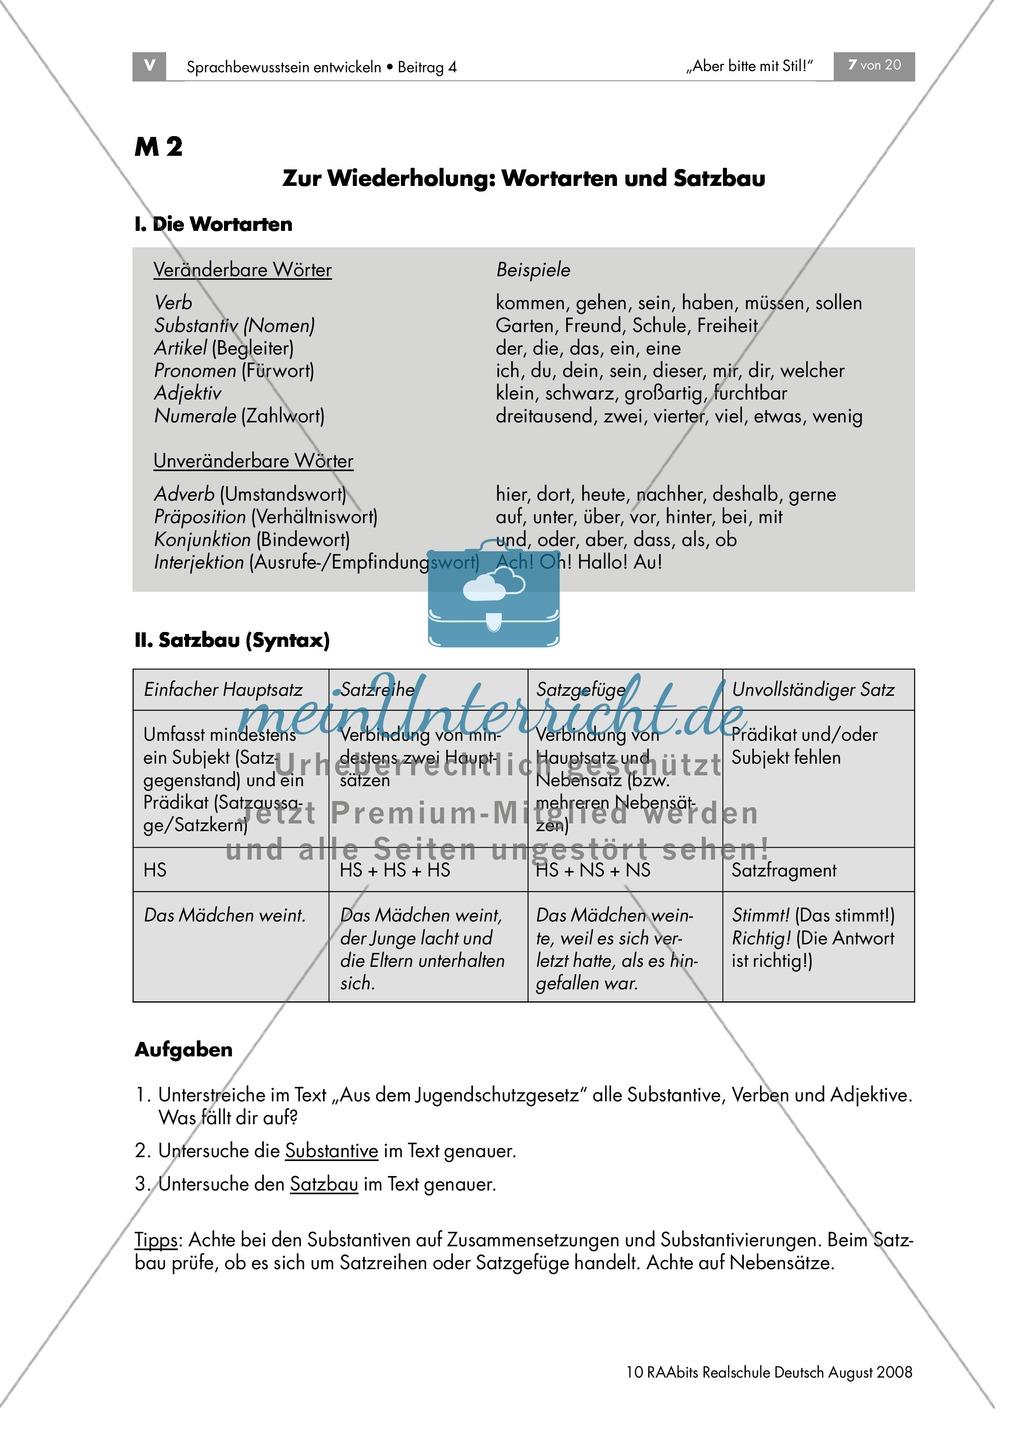 Jugendschutzgesetz: Einen Text im Nominalstil erschließen + Wiederholung grammatischer Grundkenntnisse Preview 1